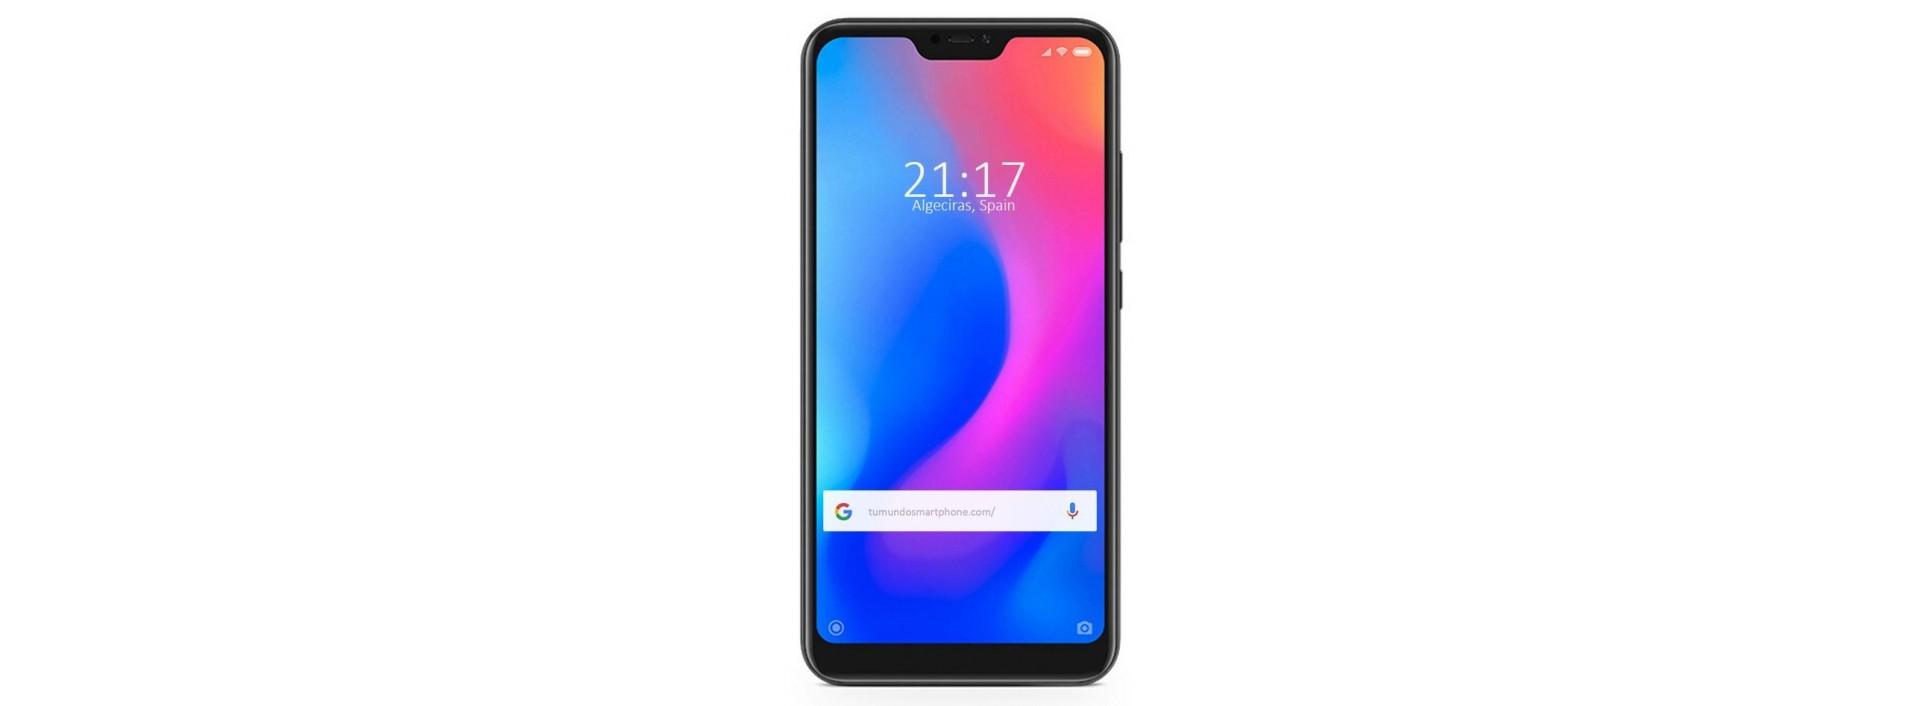 Fundas PERSONALIZADAS Xiaomi Mi A2 Lite, compra ya,Envío Gratis en TMS